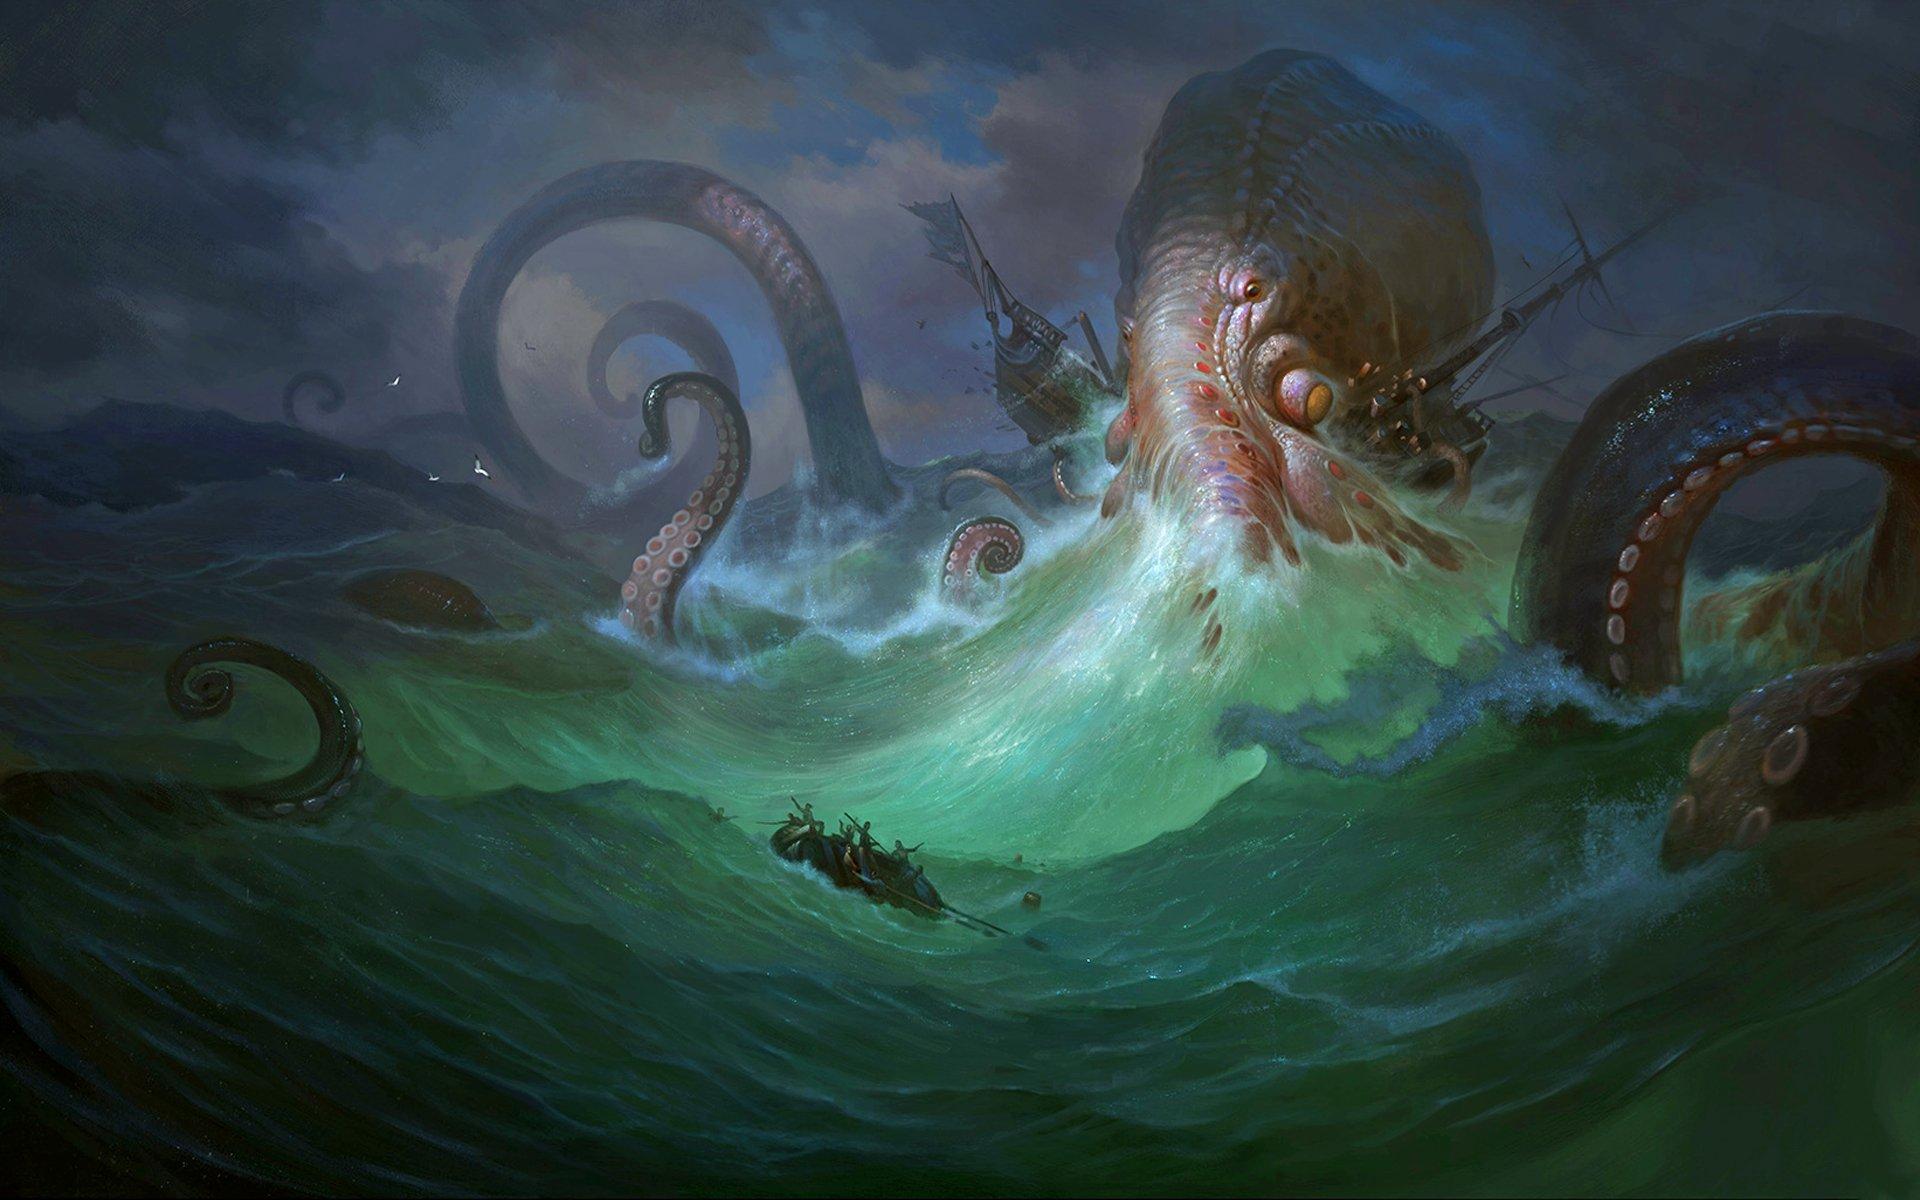 Мифический кракен: легендарный монстр или настоящий моллюск